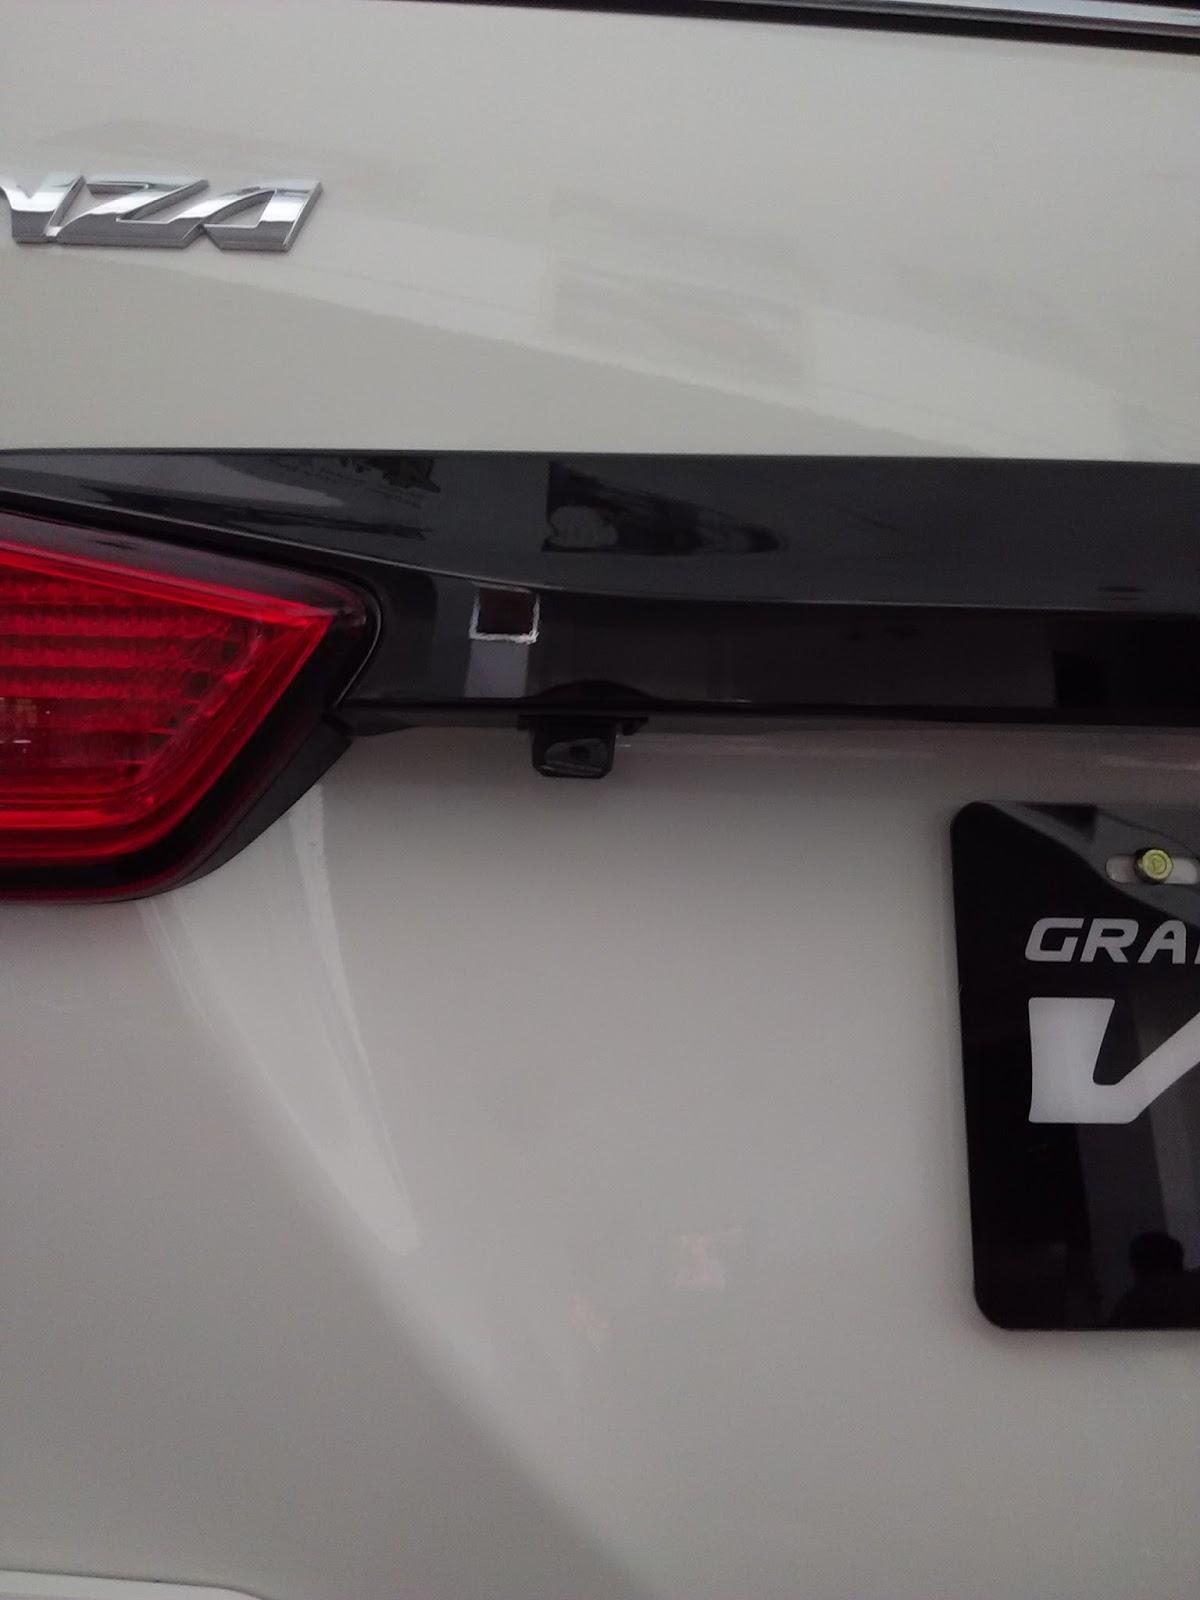 grand new veloz warna merah modifikasi avanza putih perbedaan 1 5 dan 3 dikta